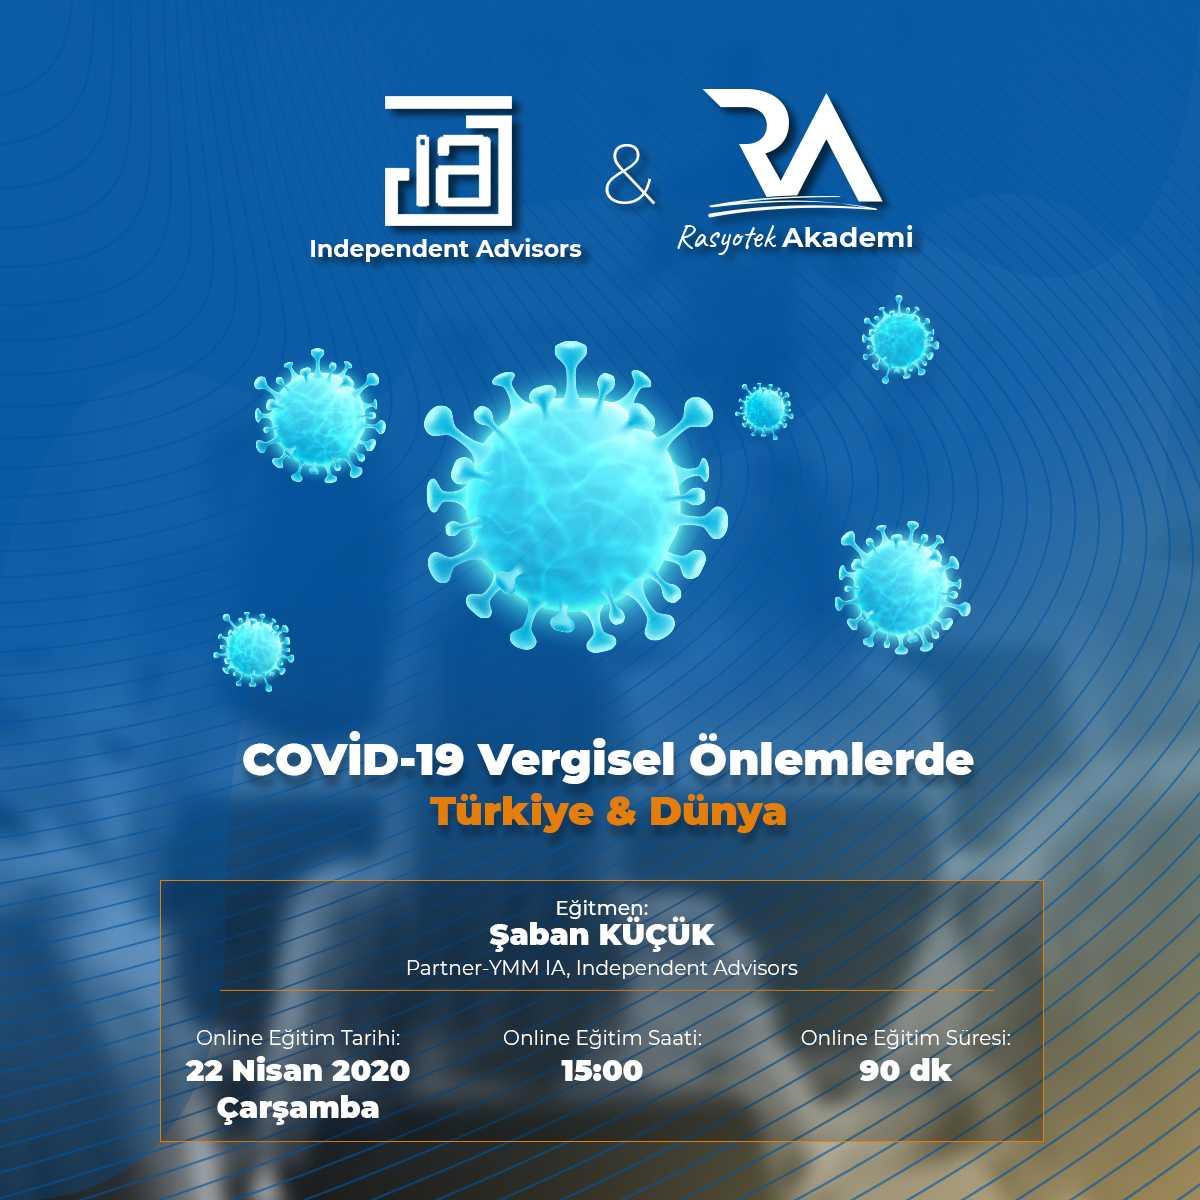 COVID-19 Vergisel Önlemlerde Türkiye & Dünya